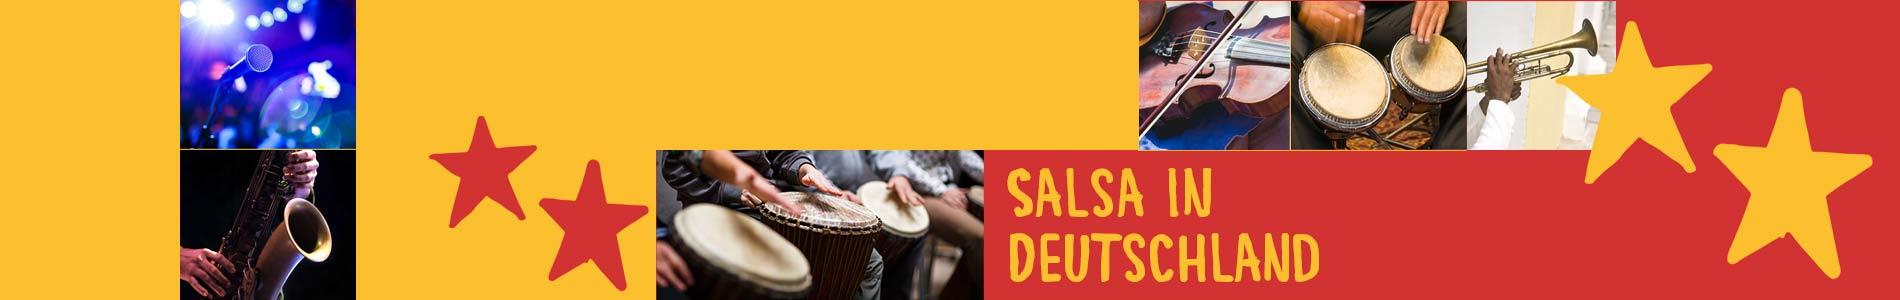 Salsa in Callenberg – Salsa lernen und tanzen, Tanzkurse, Partys, Veranstaltungen